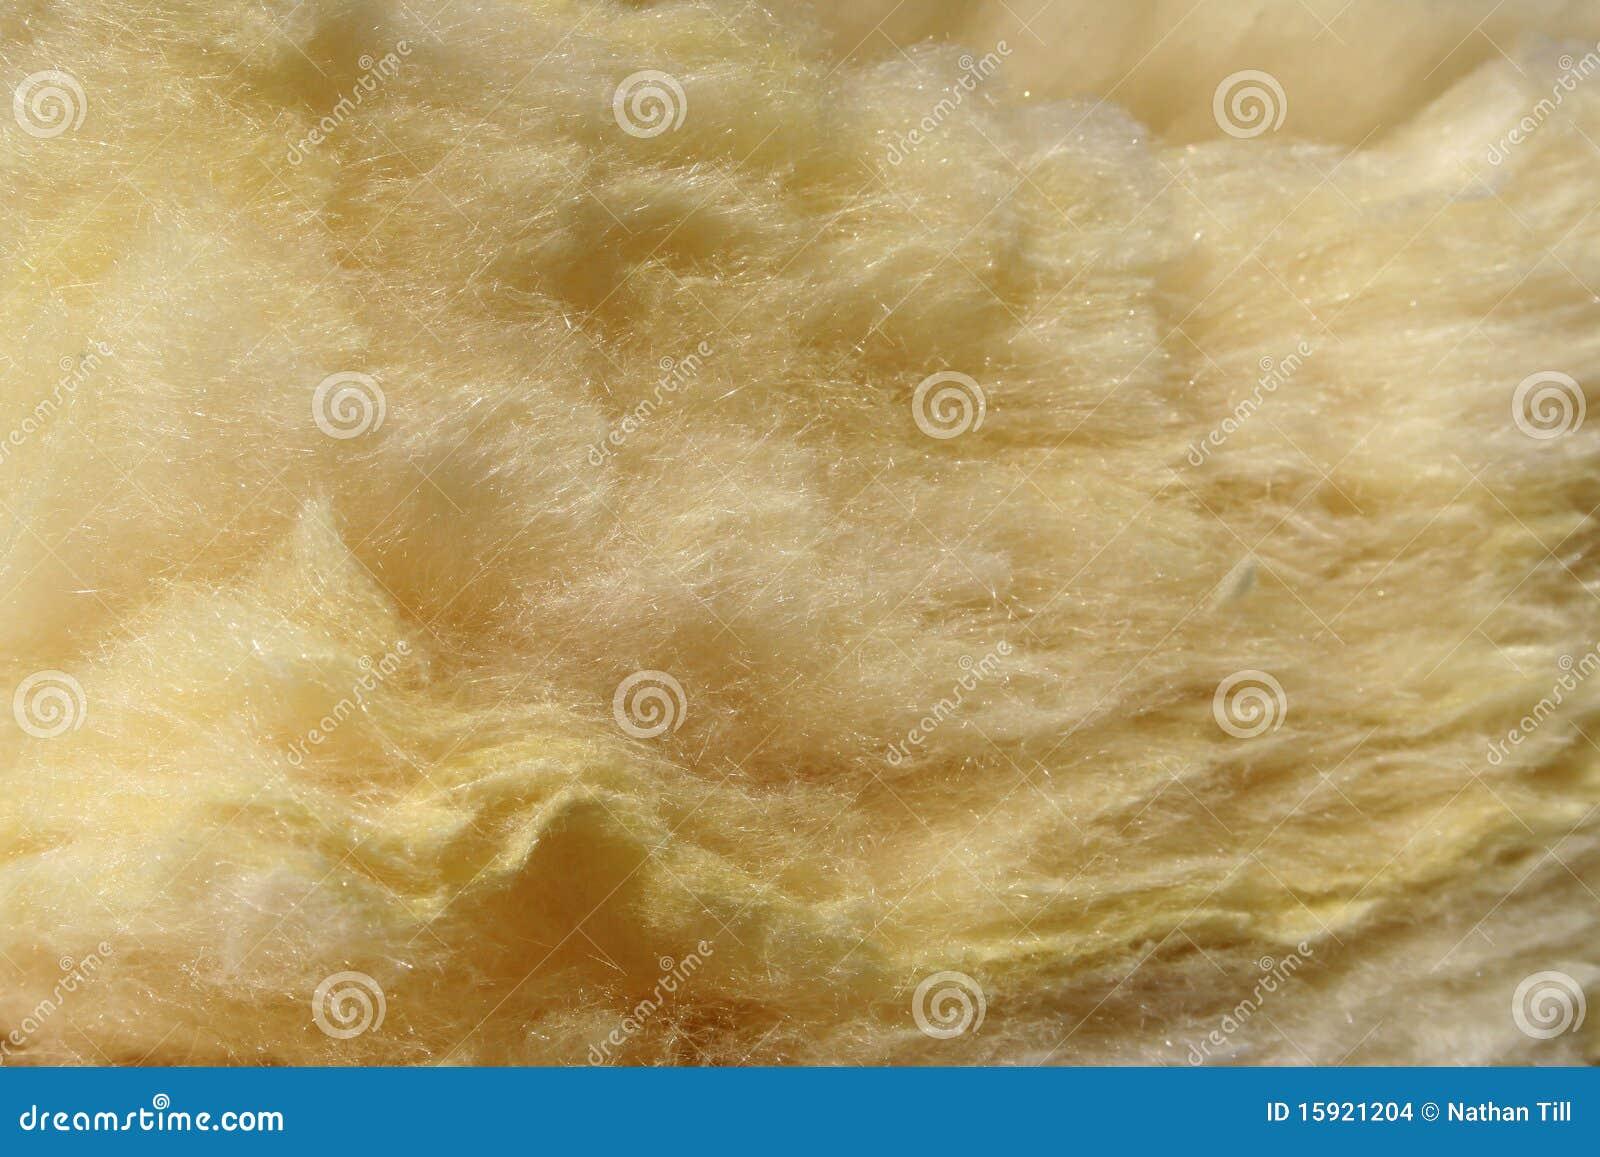 Textura del aislante de la fibra de vidrio imagenes de - Fibra vidrio aislante ...